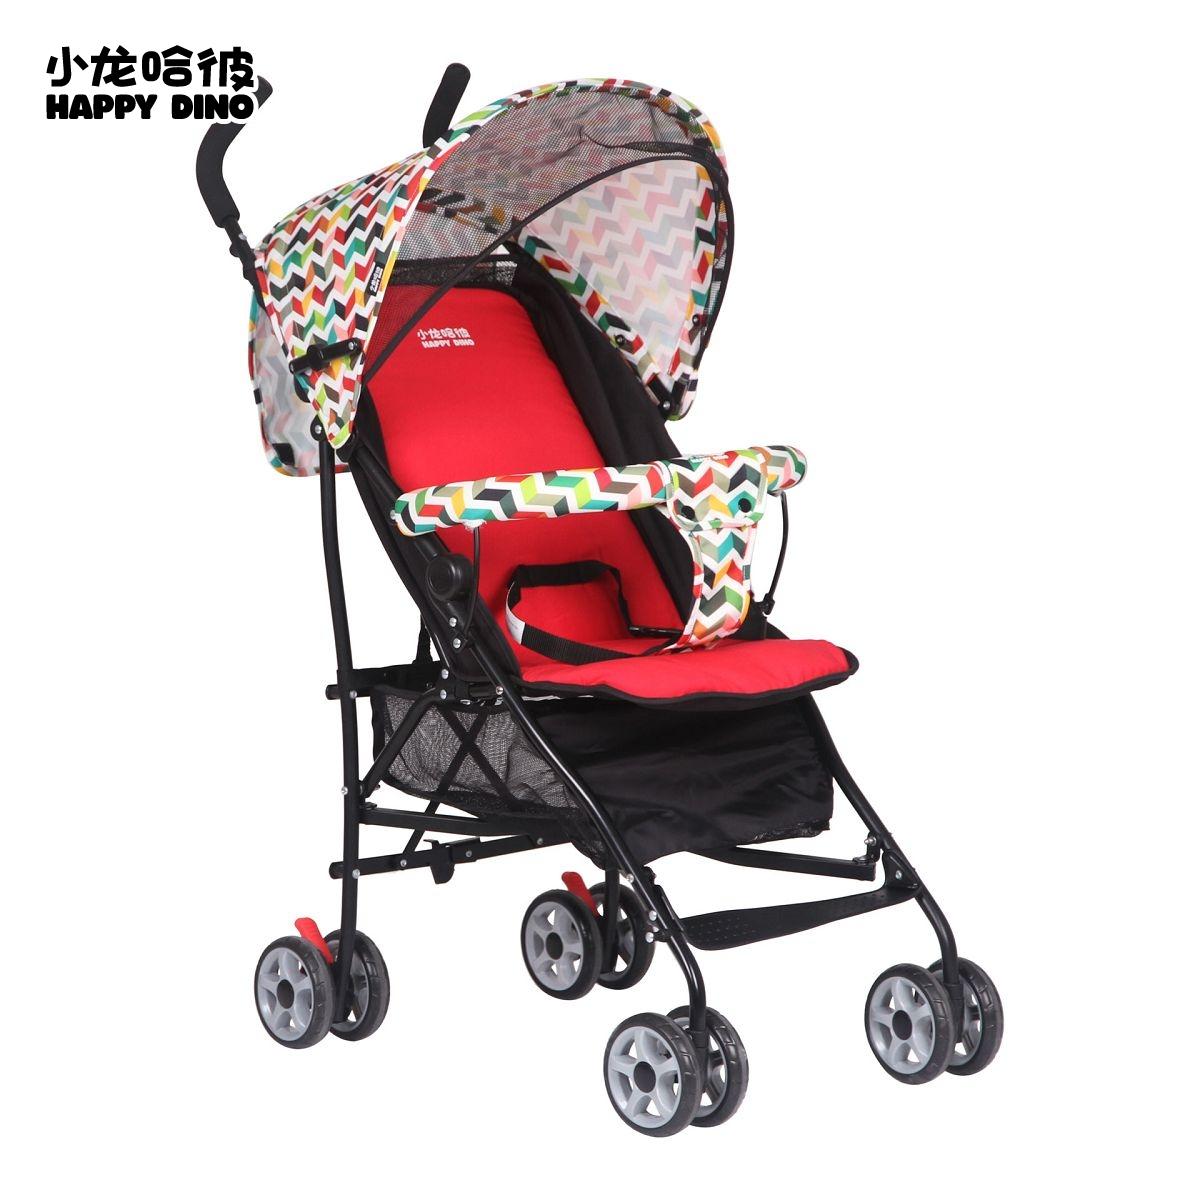 小龙哈彼 轻便ld209婴儿童车折叠儿童bb手推车宝宝伞车可坐躺 ld209